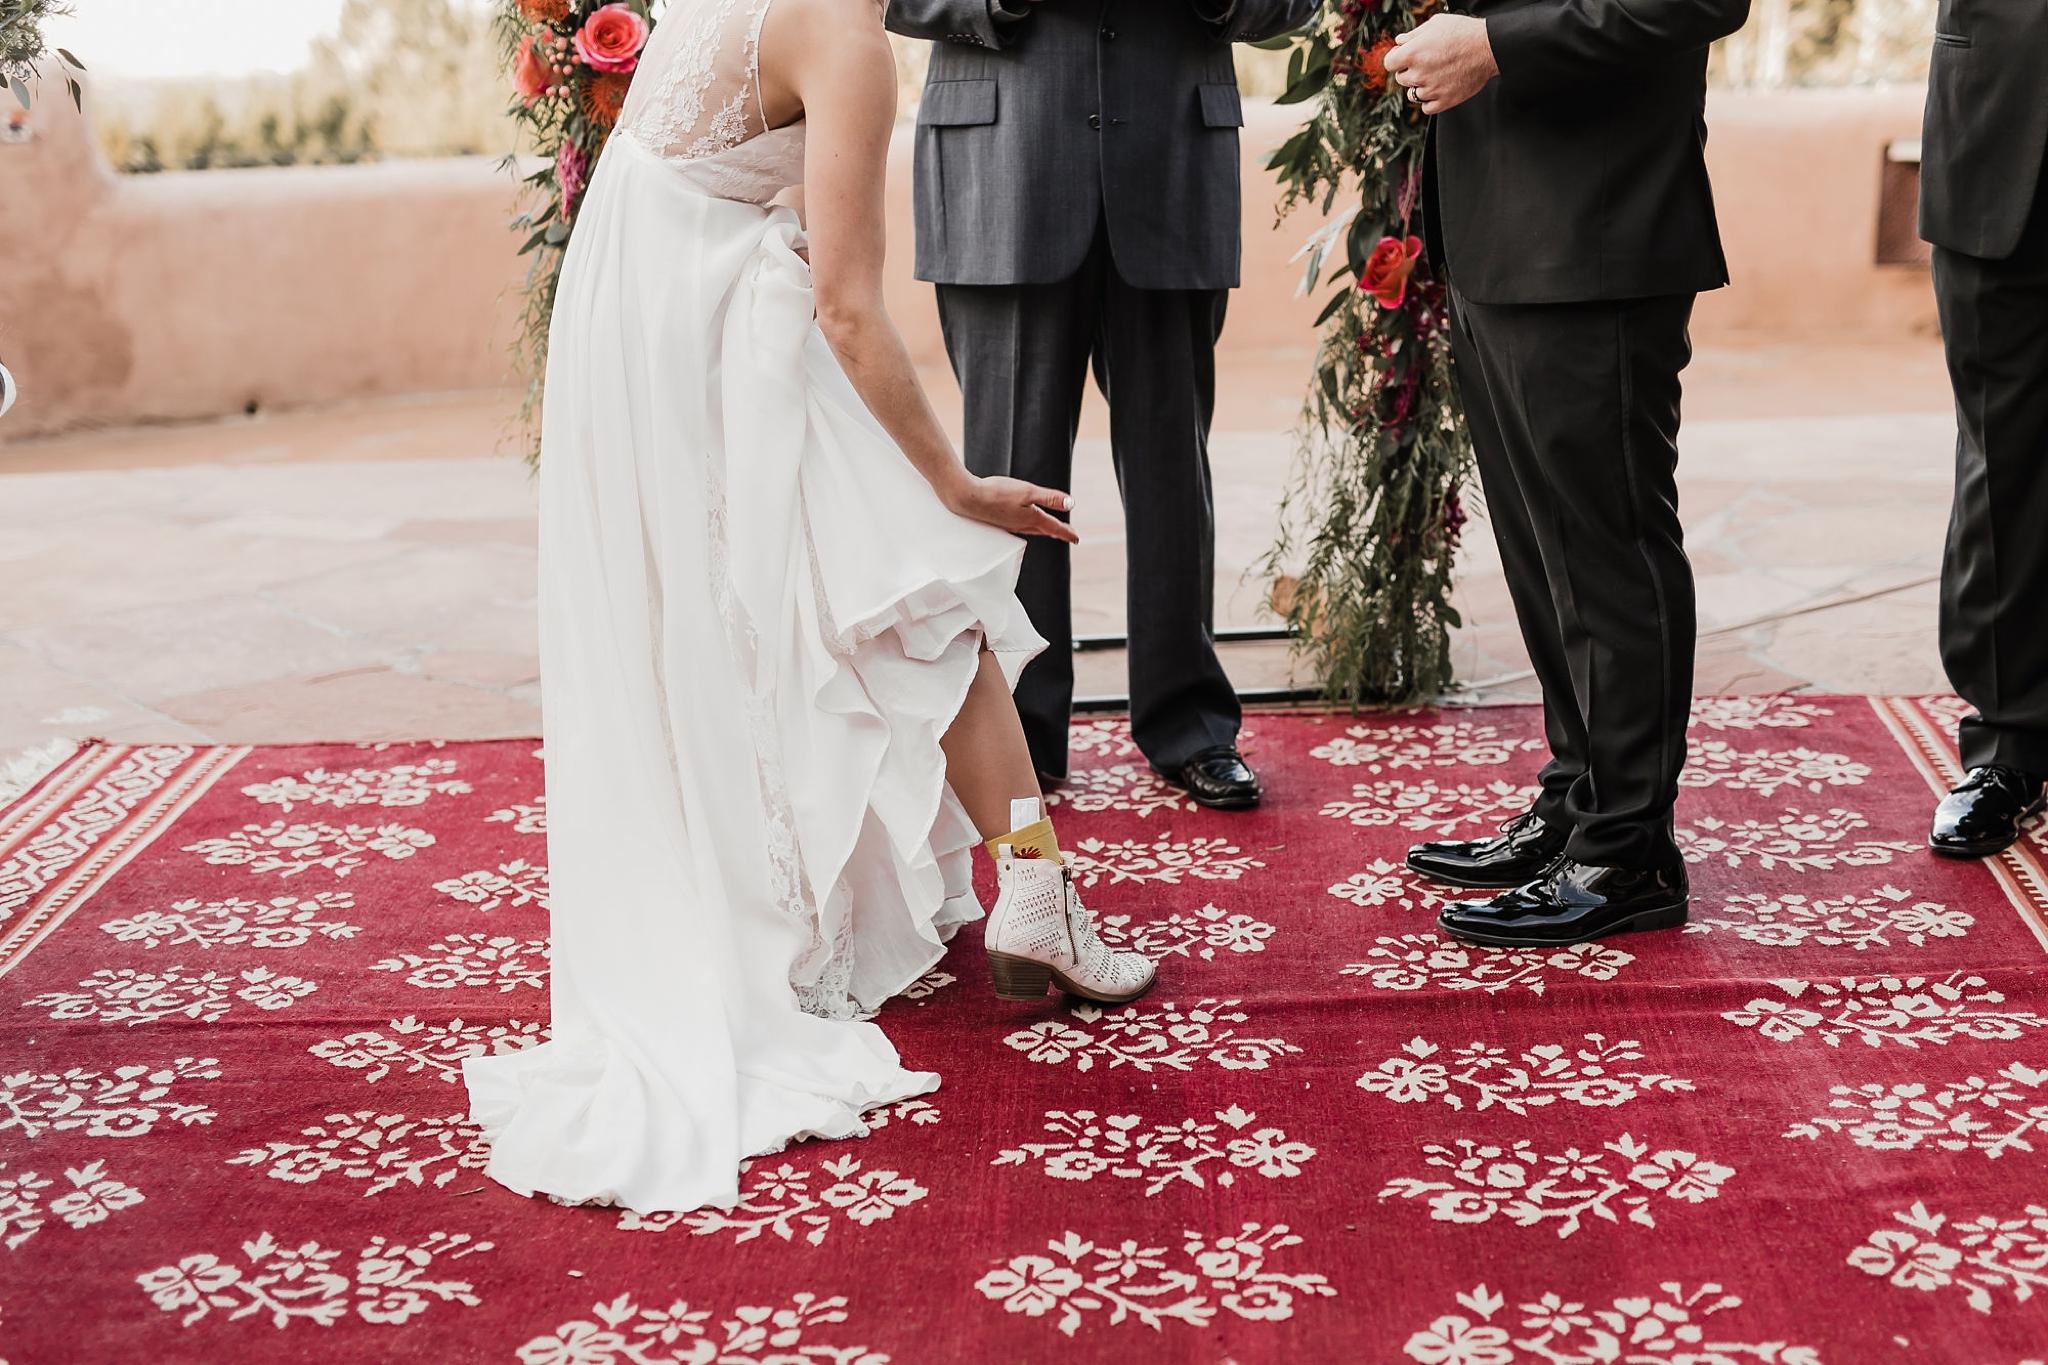 Alicia+lucia+photography+-+albuquerque+wedding+photographer+-+santa+fe+wedding+photography+-+new+mexico+wedding+photographer+-+new+mexico+wedding+-+wedding+vows+-+writing+your+own+vows+-+wedding+inspo_0031.jpg